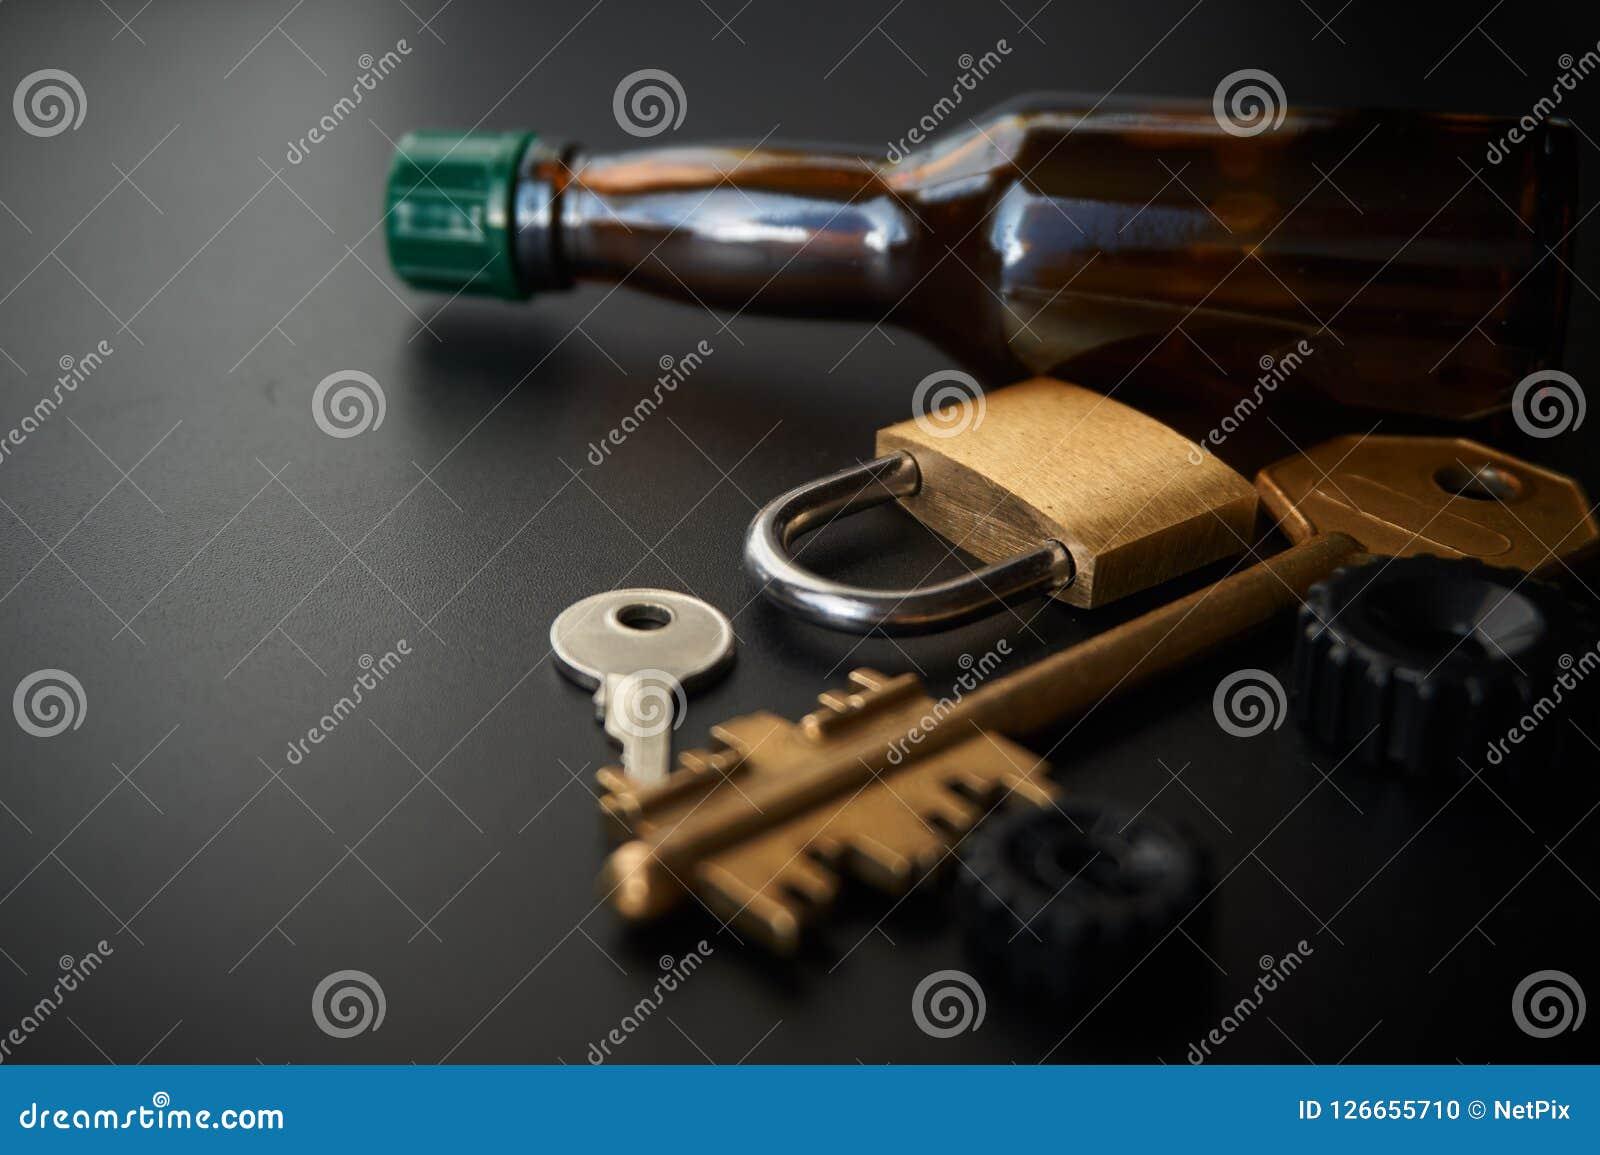 Het conceptuele beeld van verhindert het slot van de dronkenschap bij het rijdenauto